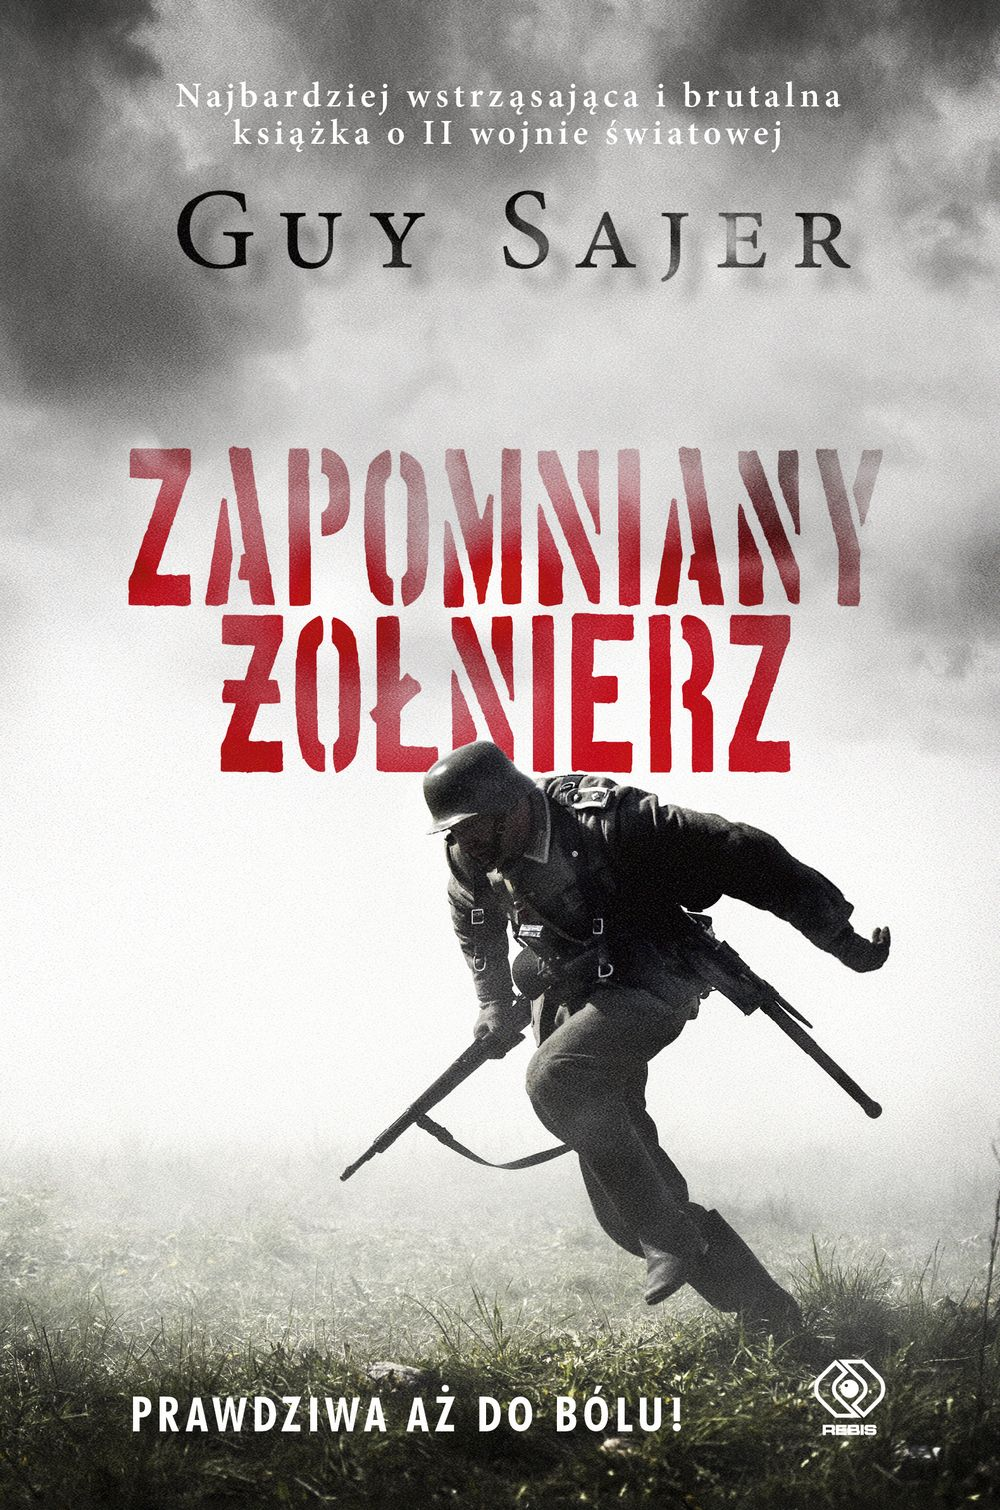 """Kup książkę """"Zapomniany żołnierz"""" na empik.com"""